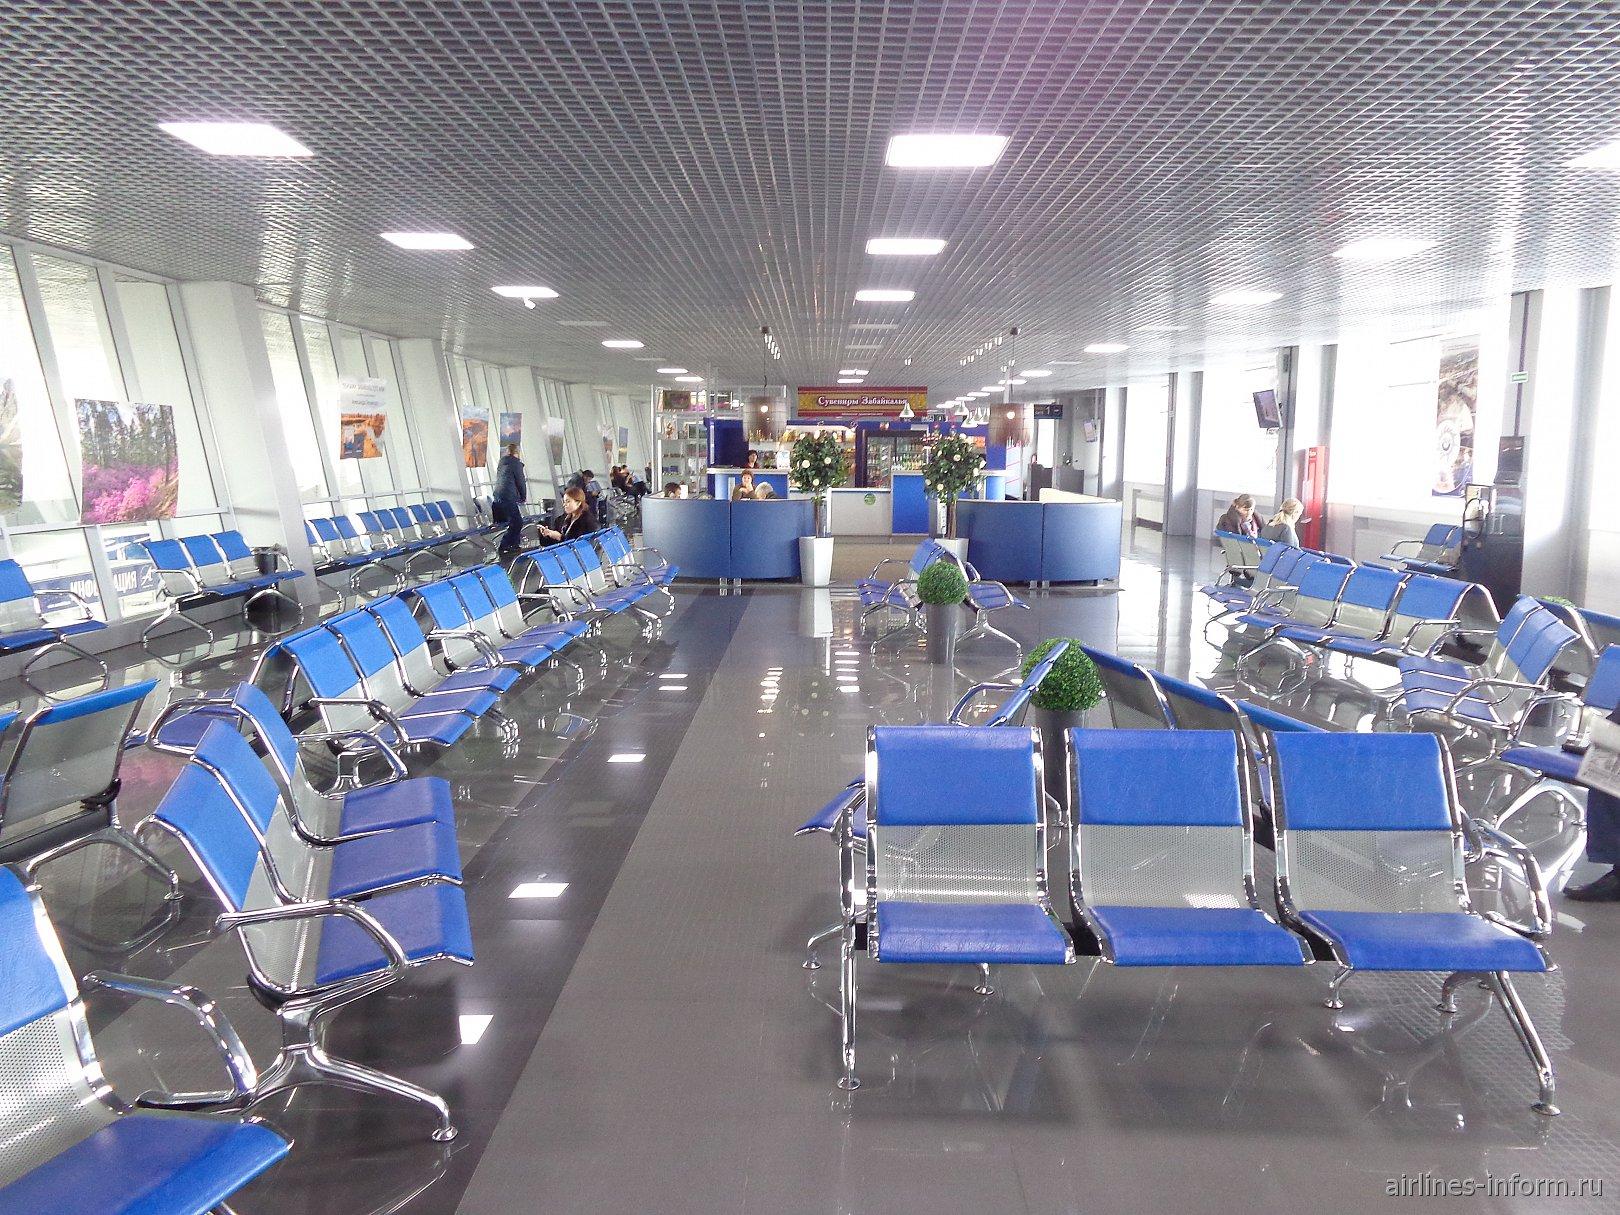 Зал ожидания чистой зоны аэропорта Кадала города Чита